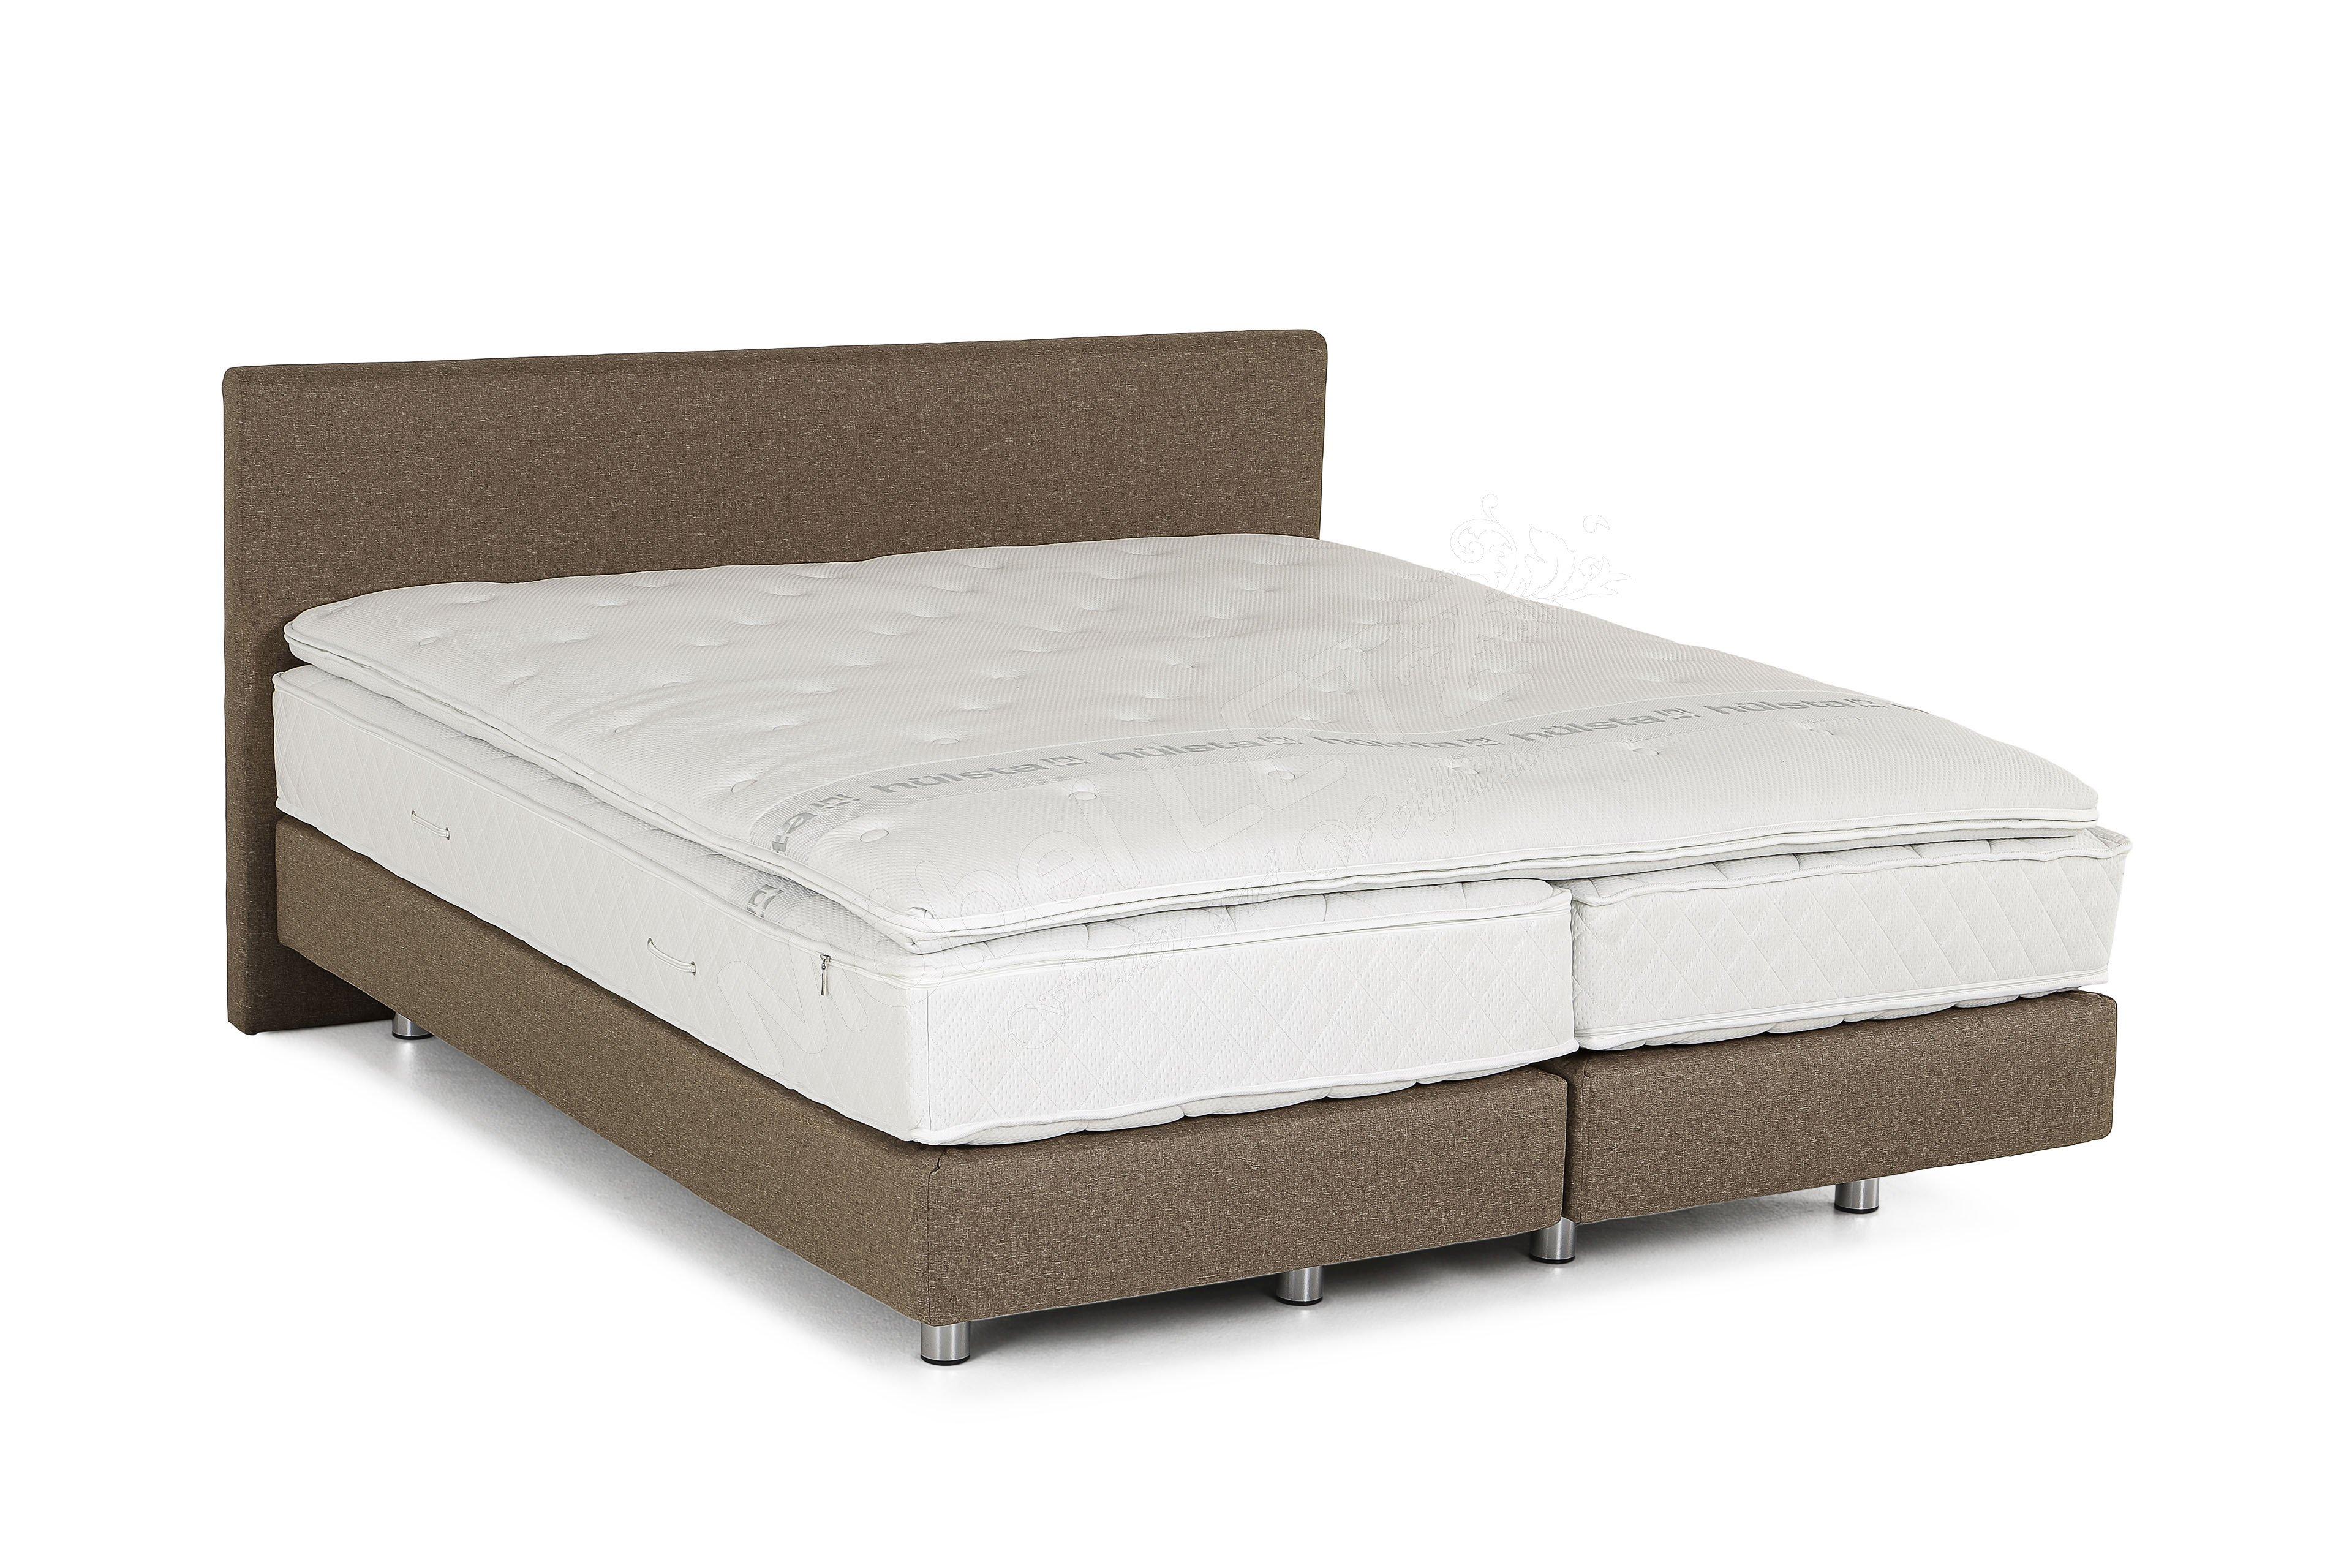 Hulsta Betten Boxspringbett Bc 200 Taupe Mobel Letz Ihr Online Shop